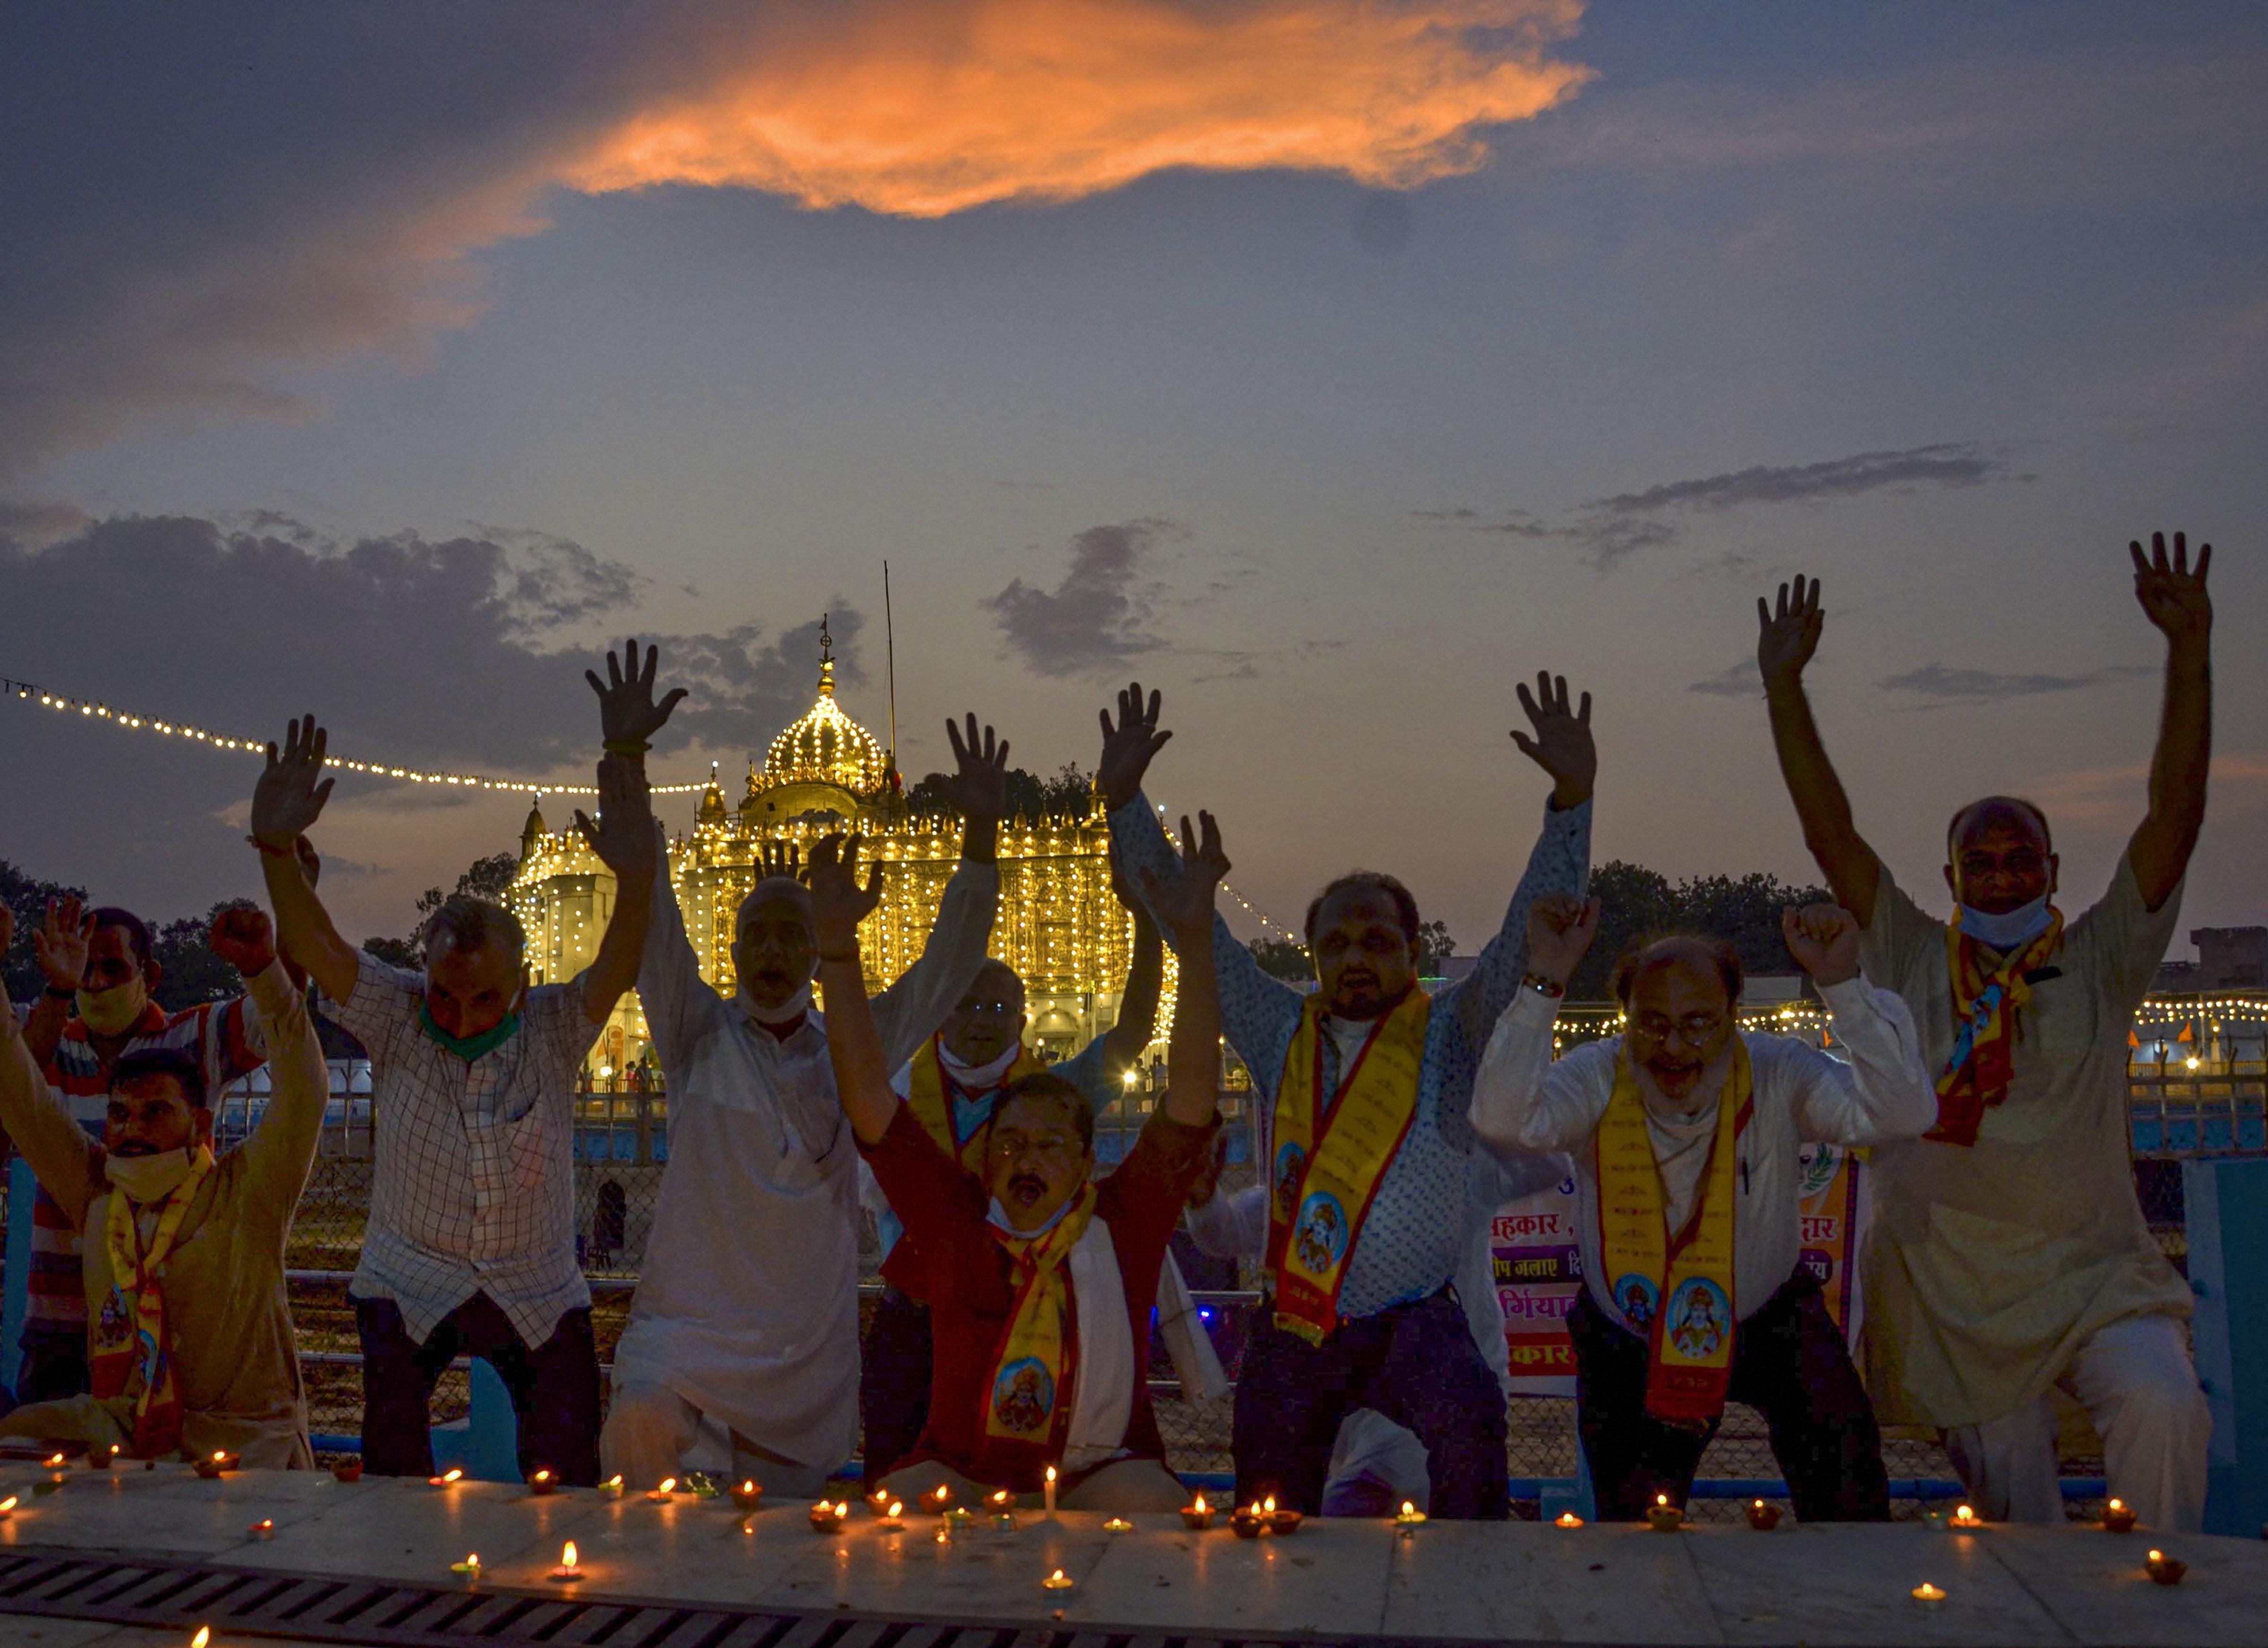 অমৃতসরে লক্ষ্মী নারায়ণ মন্দিরের বাইরে (PTI)